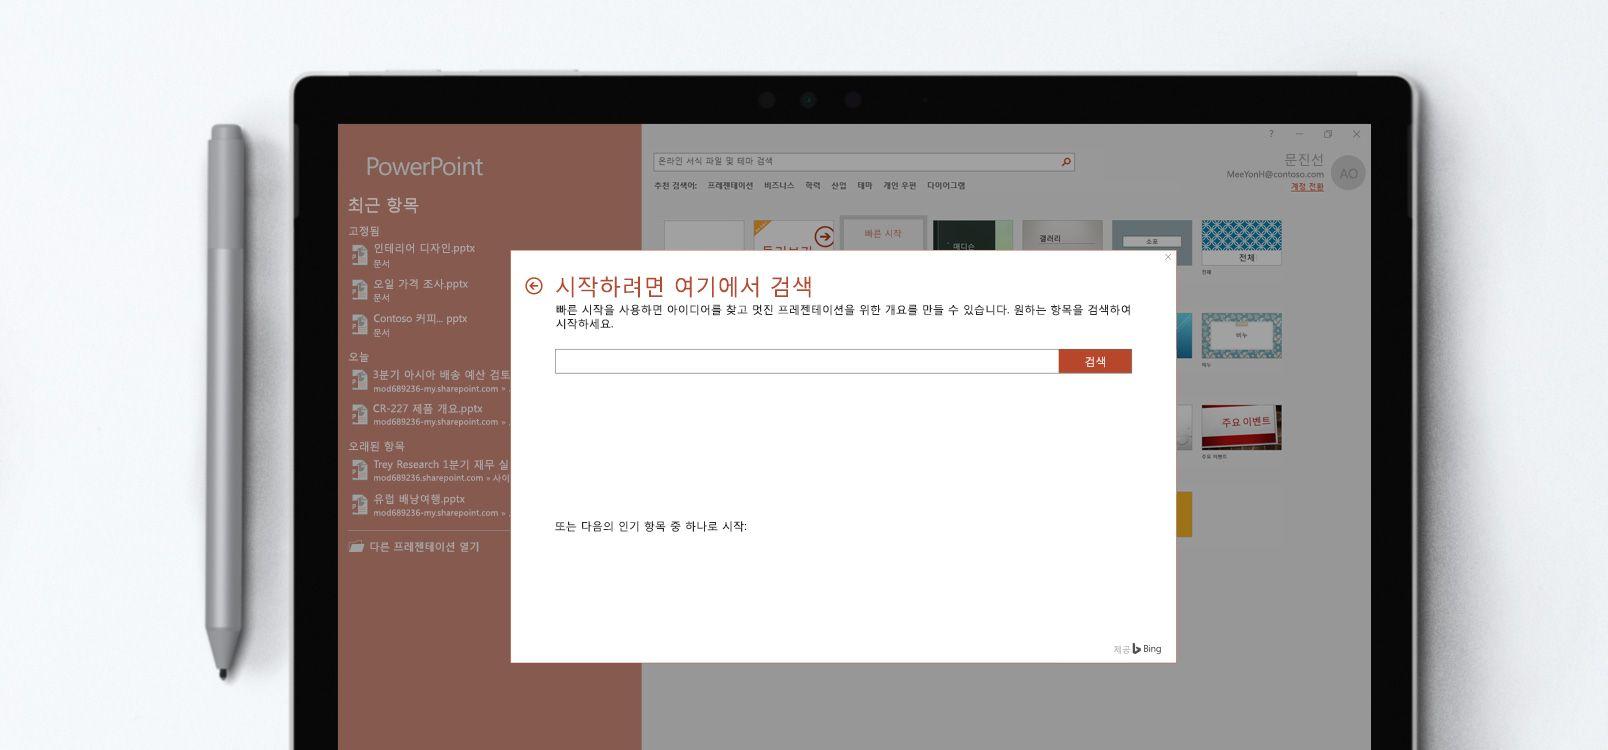 빠른 시작 기능을 사용하여 PowerPoint 문서를 보여주는 태블릿 화면